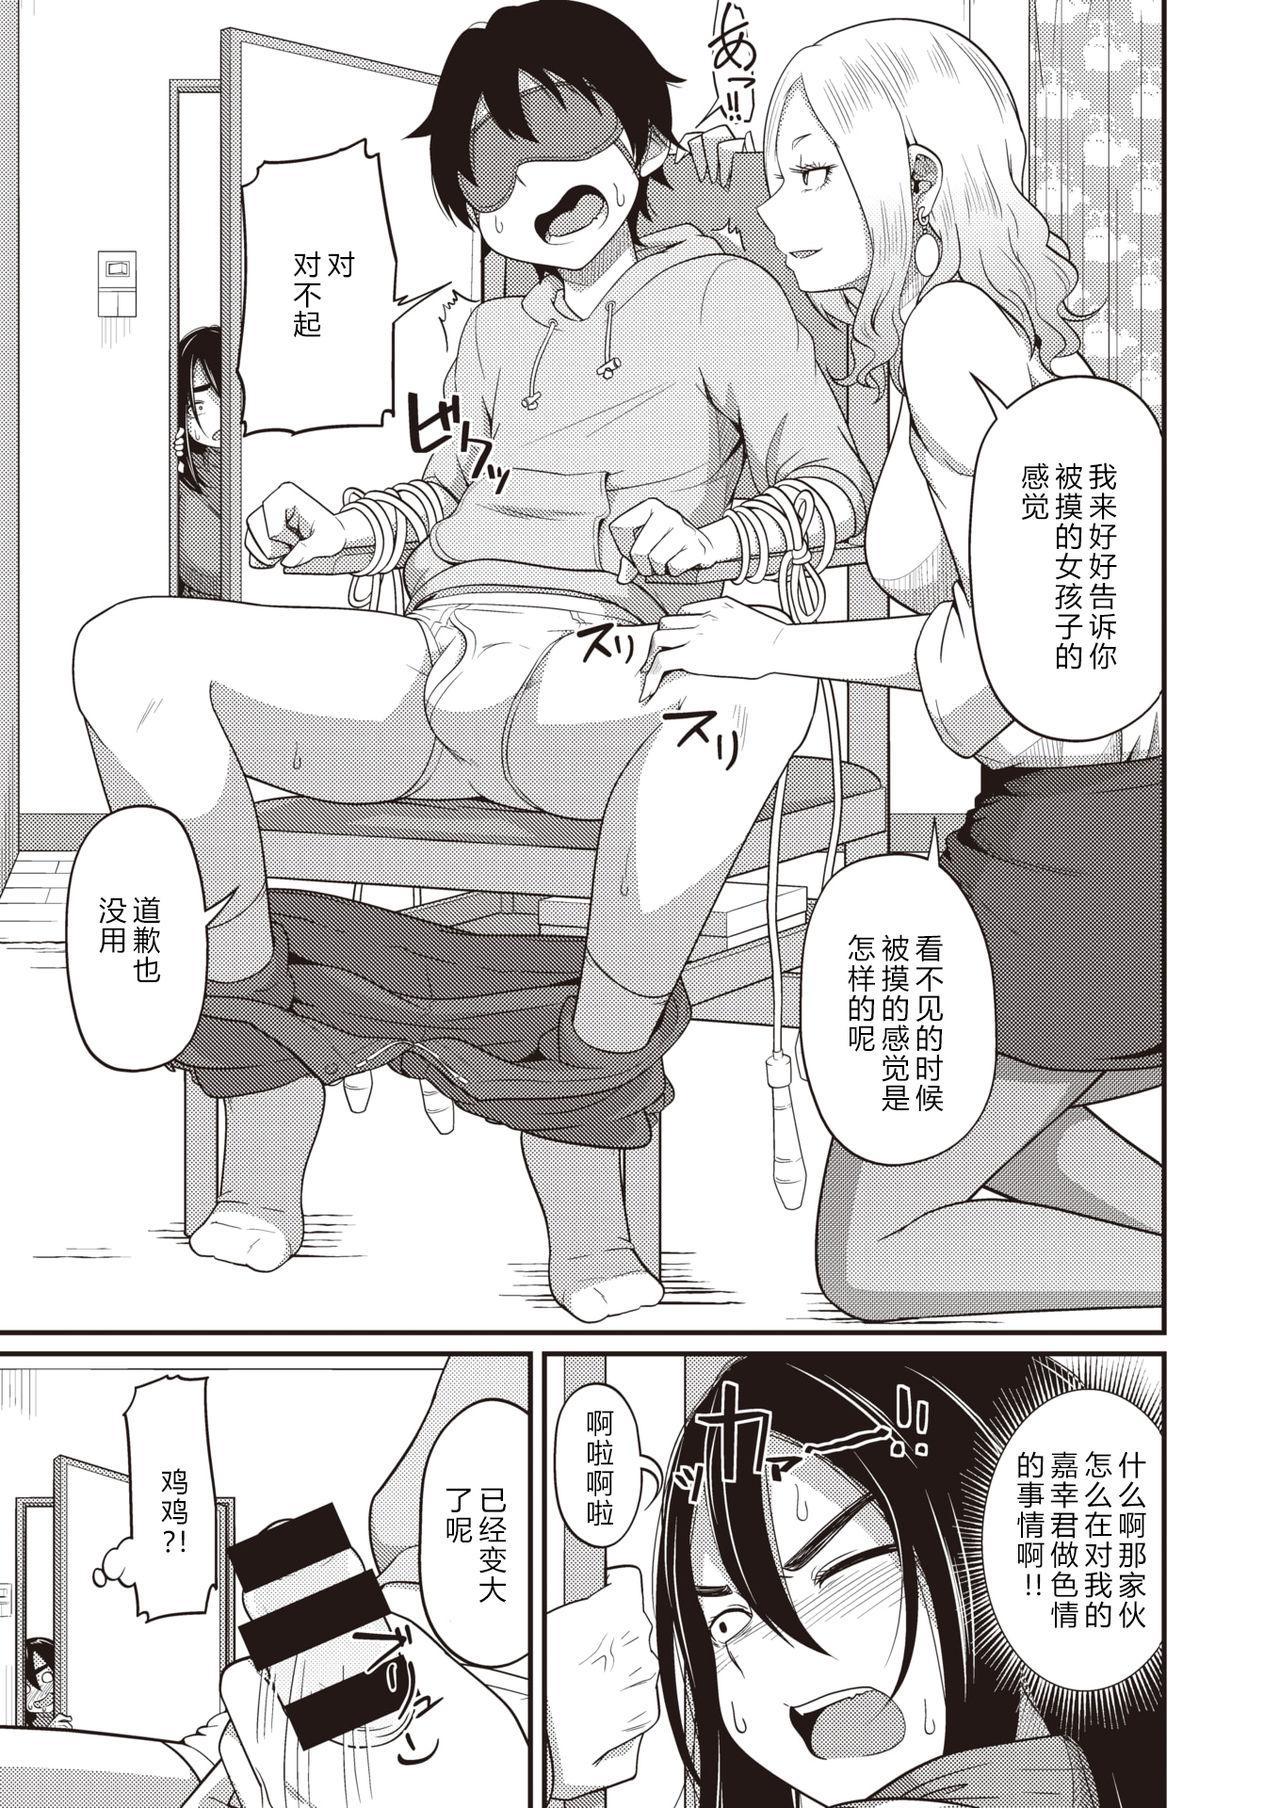 Himitsu no Sensei 8